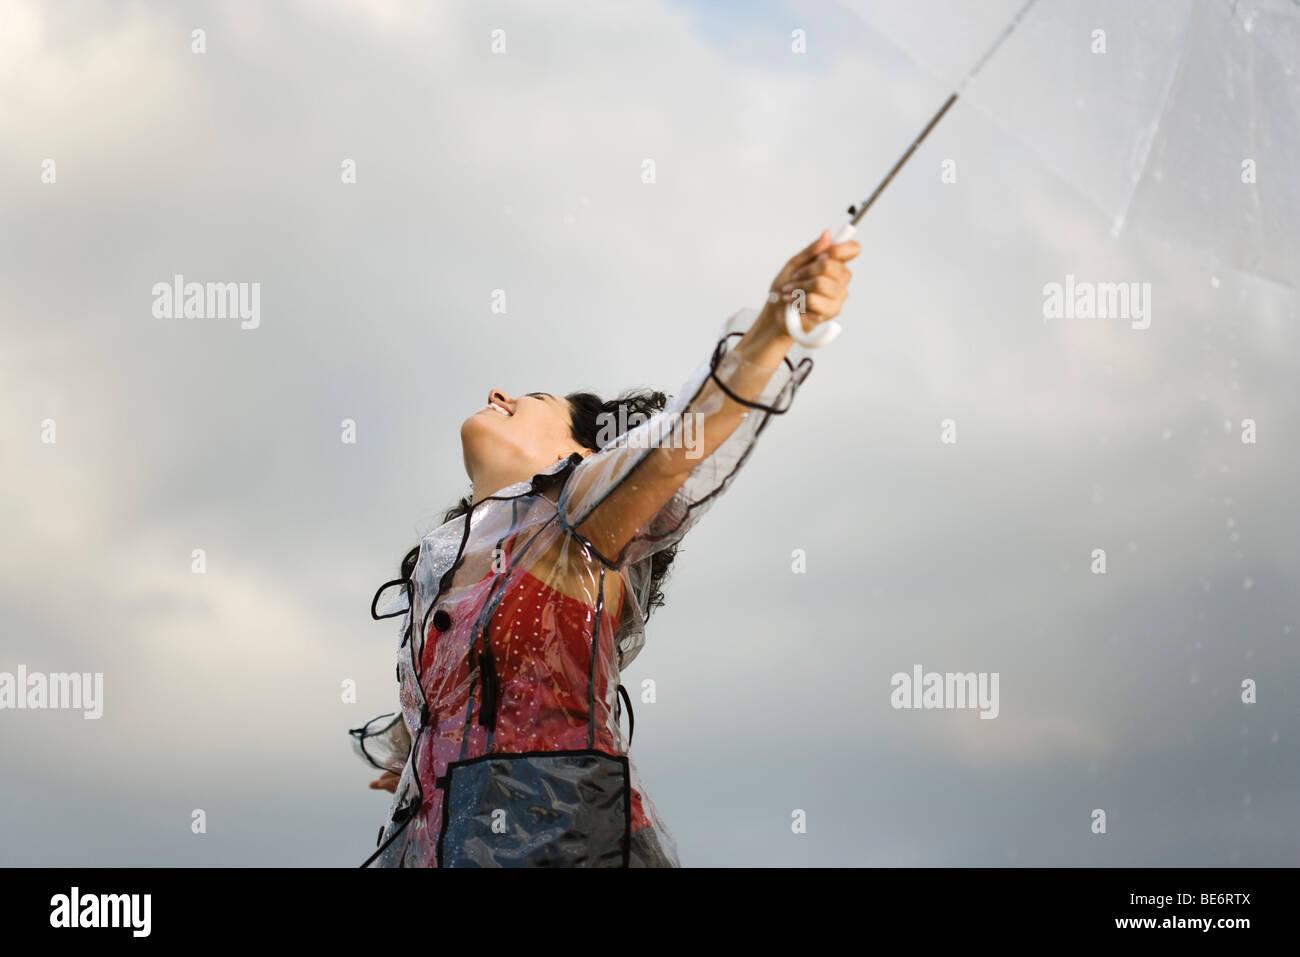 Junge Frau am regnerischen Tag im Freien stehen, so dass Regen fallen auf ihr Gesicht Stockbild